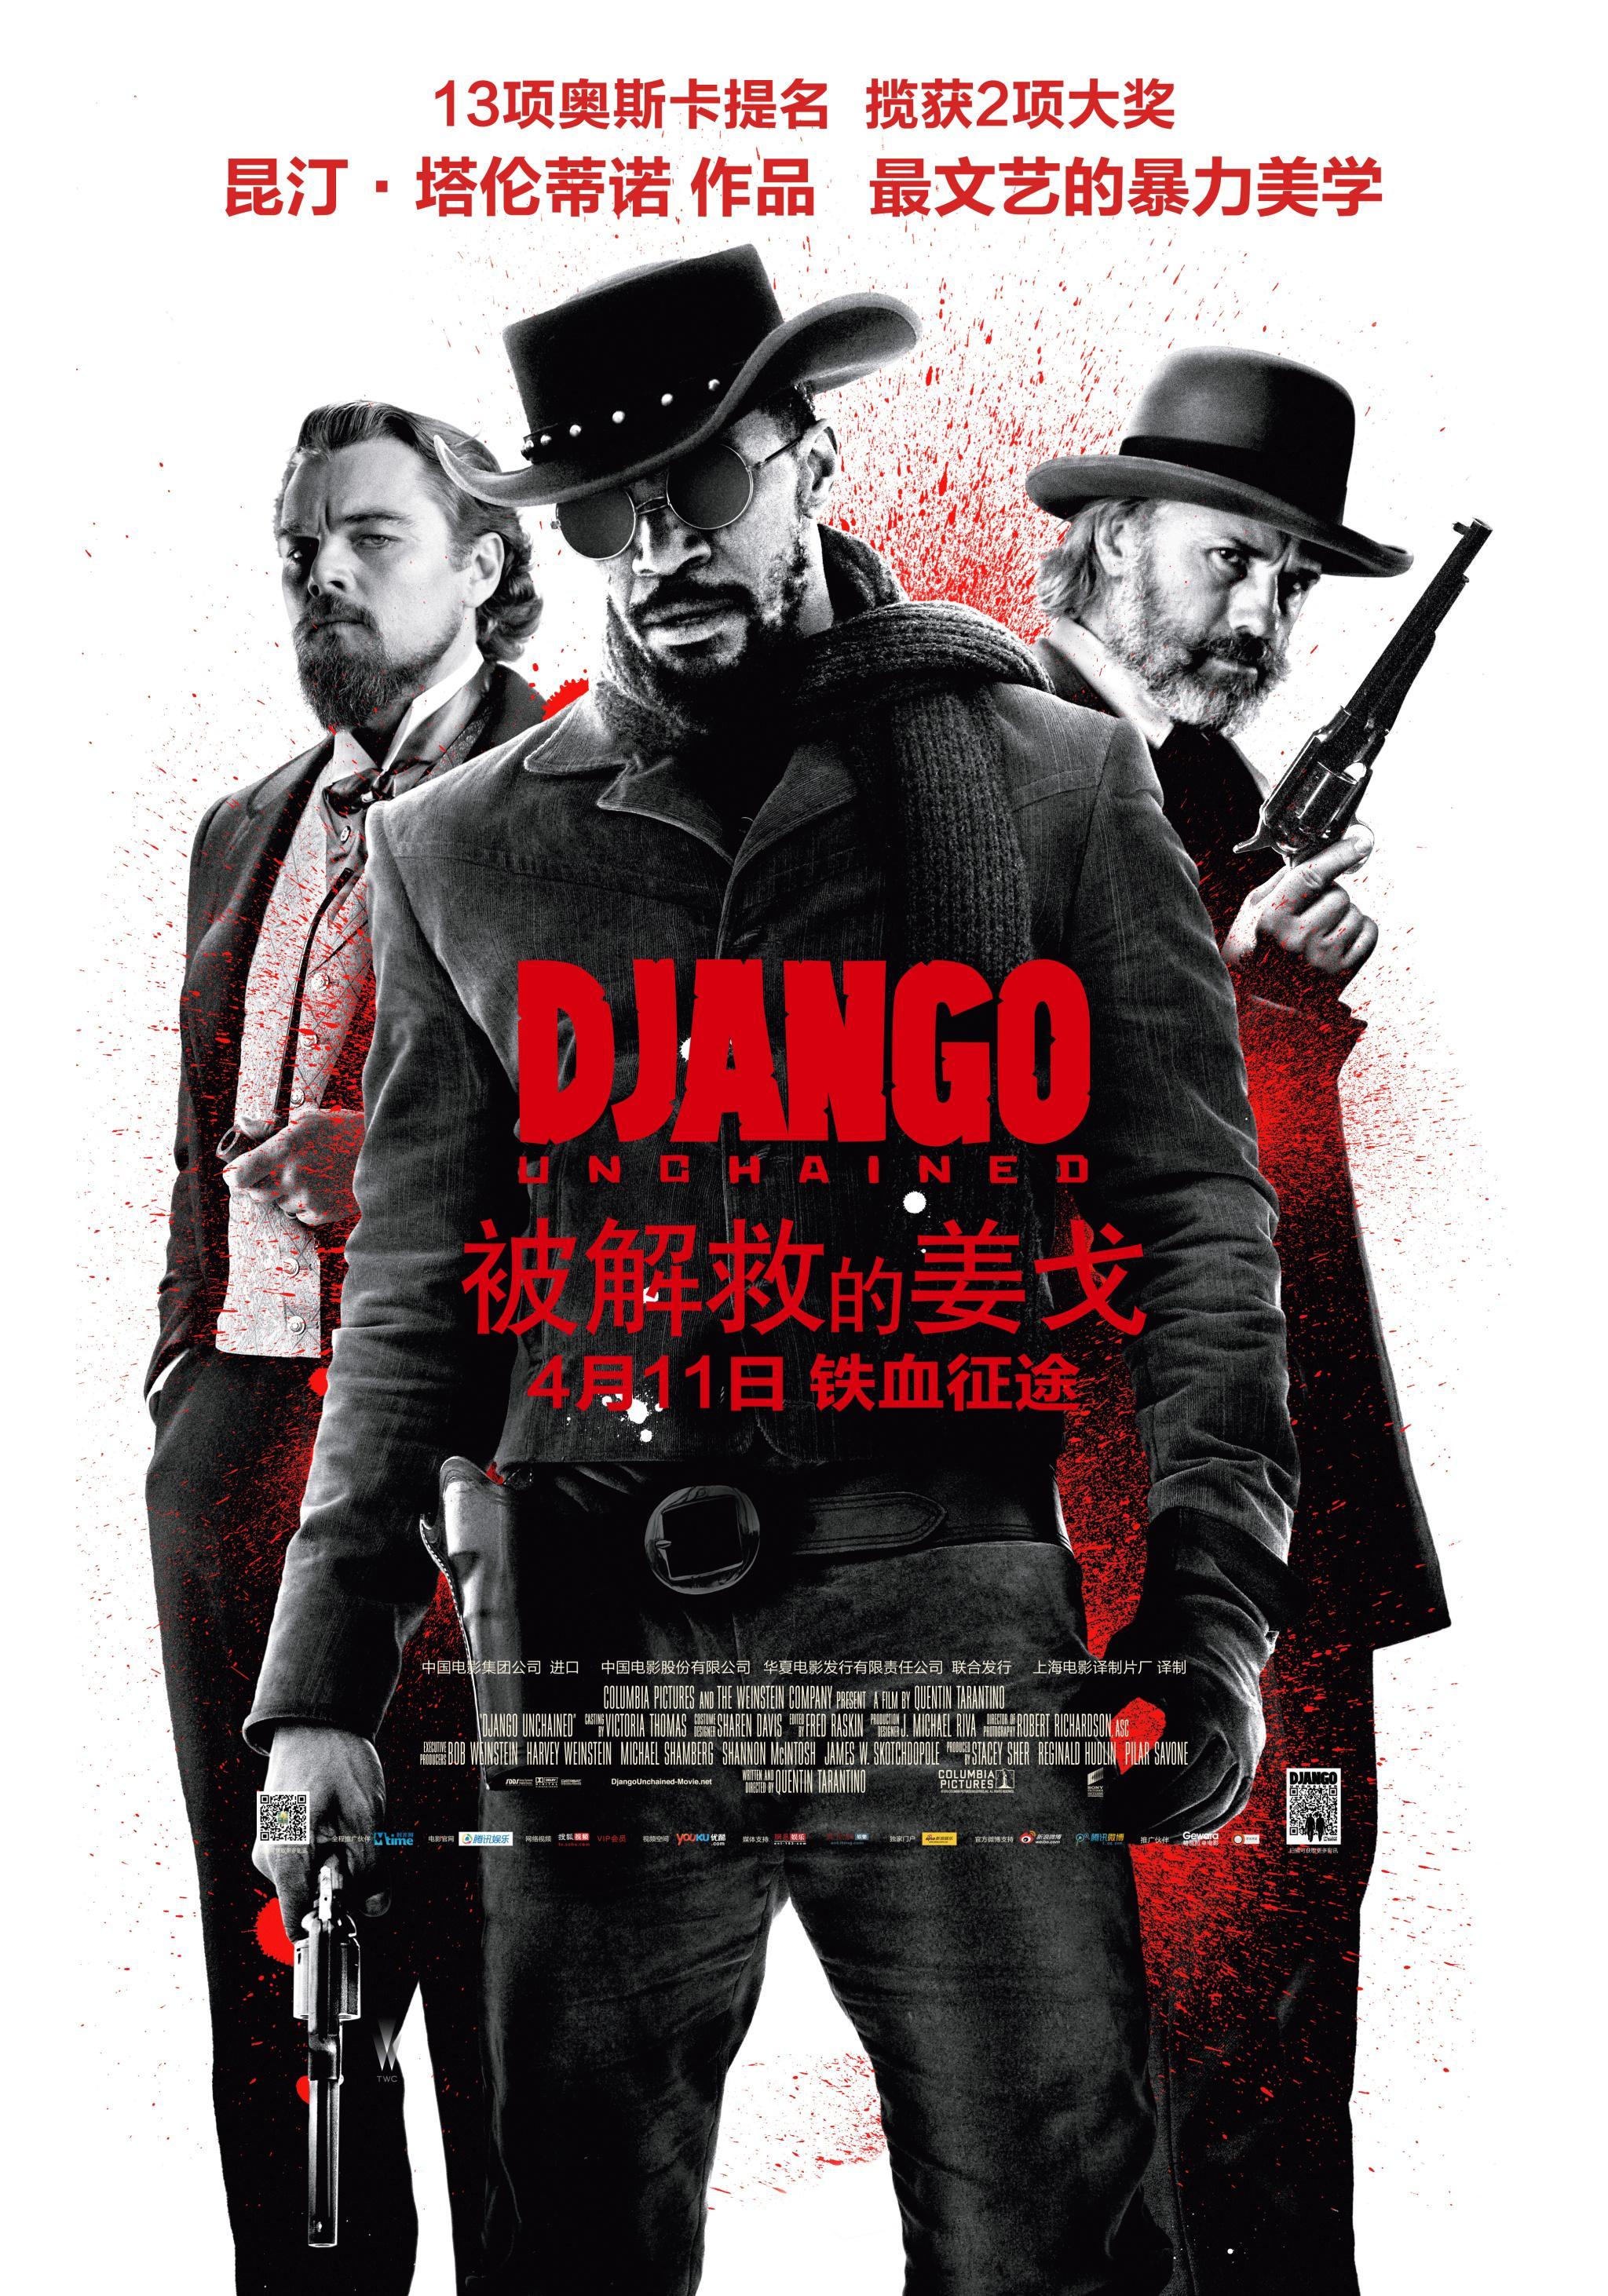 《被解救的姜戈》(Django Unchained)突然停映 或与内地观众无缘